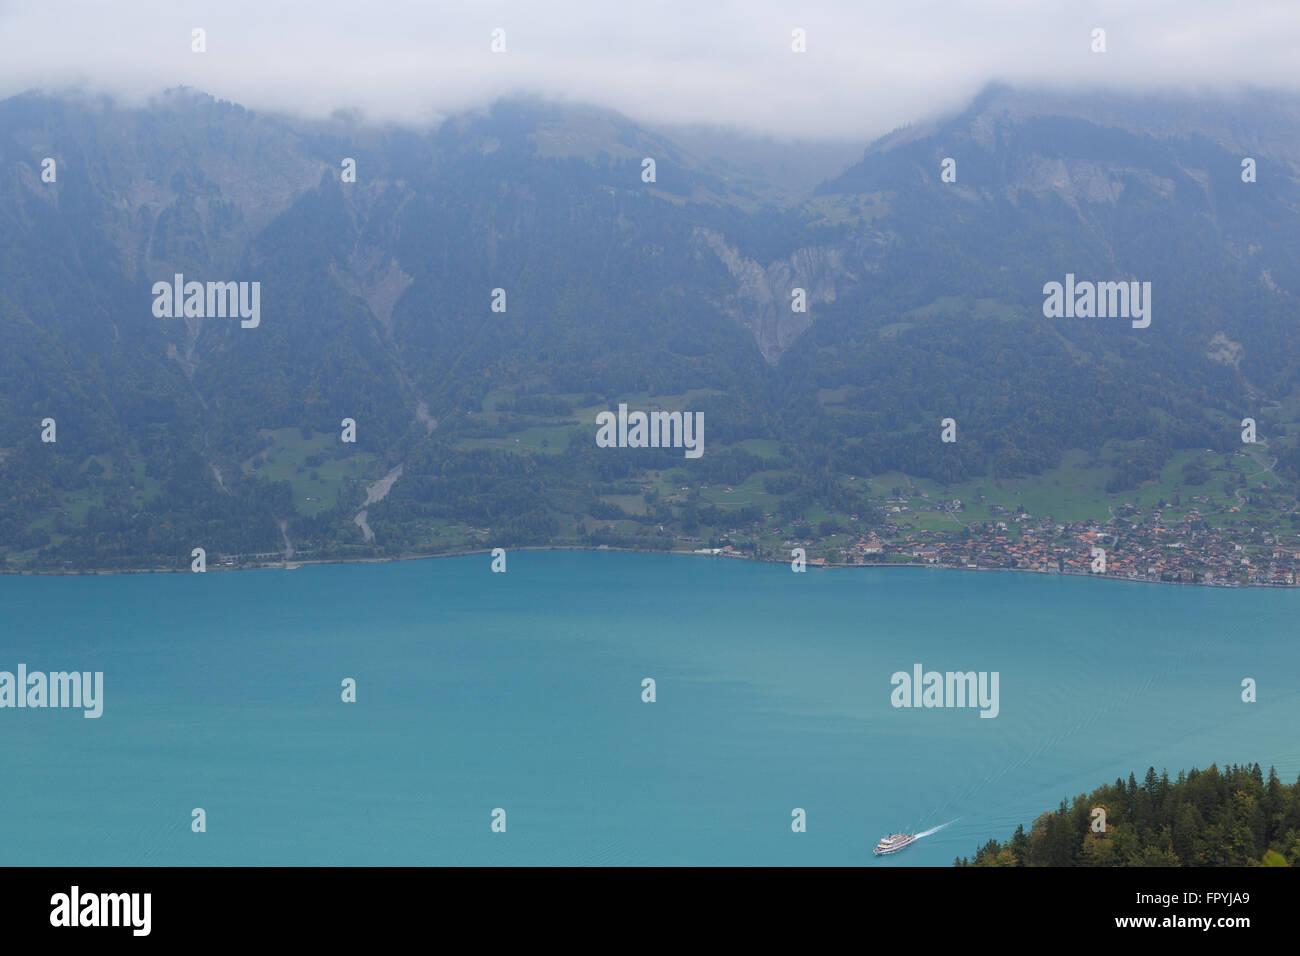 Un paysage photographie d'un traversier sur le lac de Brienz, en Suisse. Banque D'Images